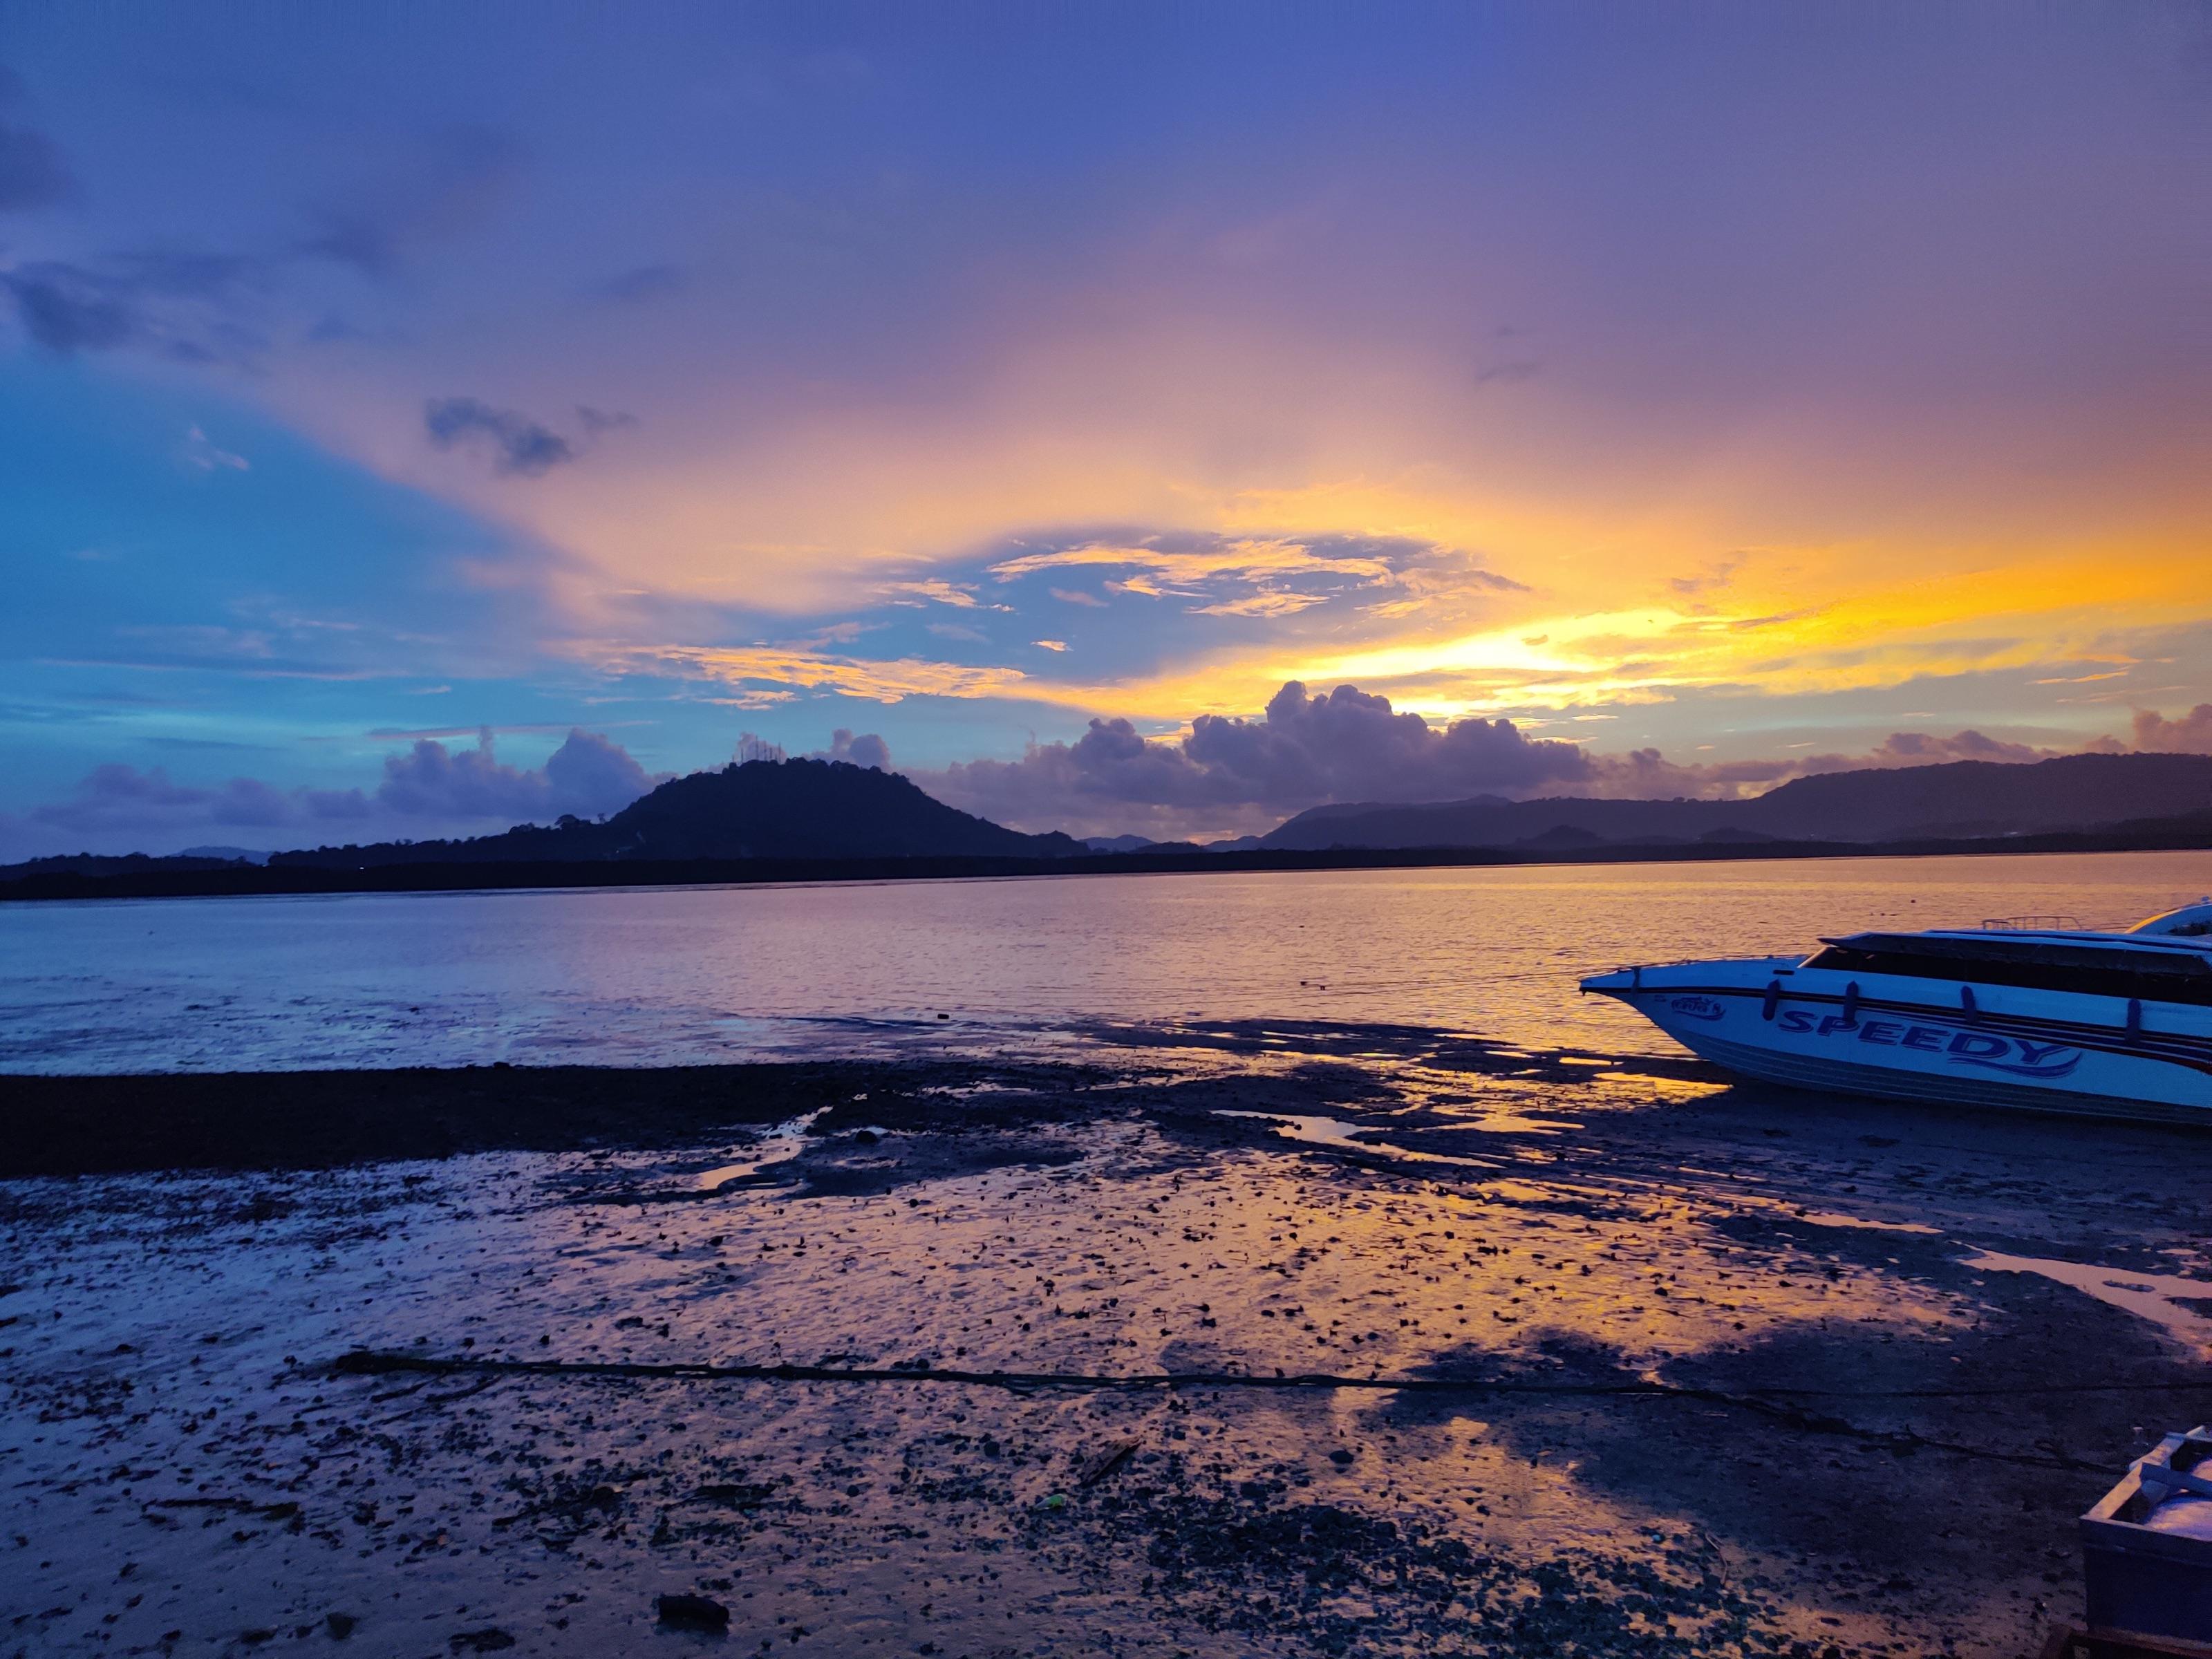 泰国曼谷普吉岛悠闲7日游